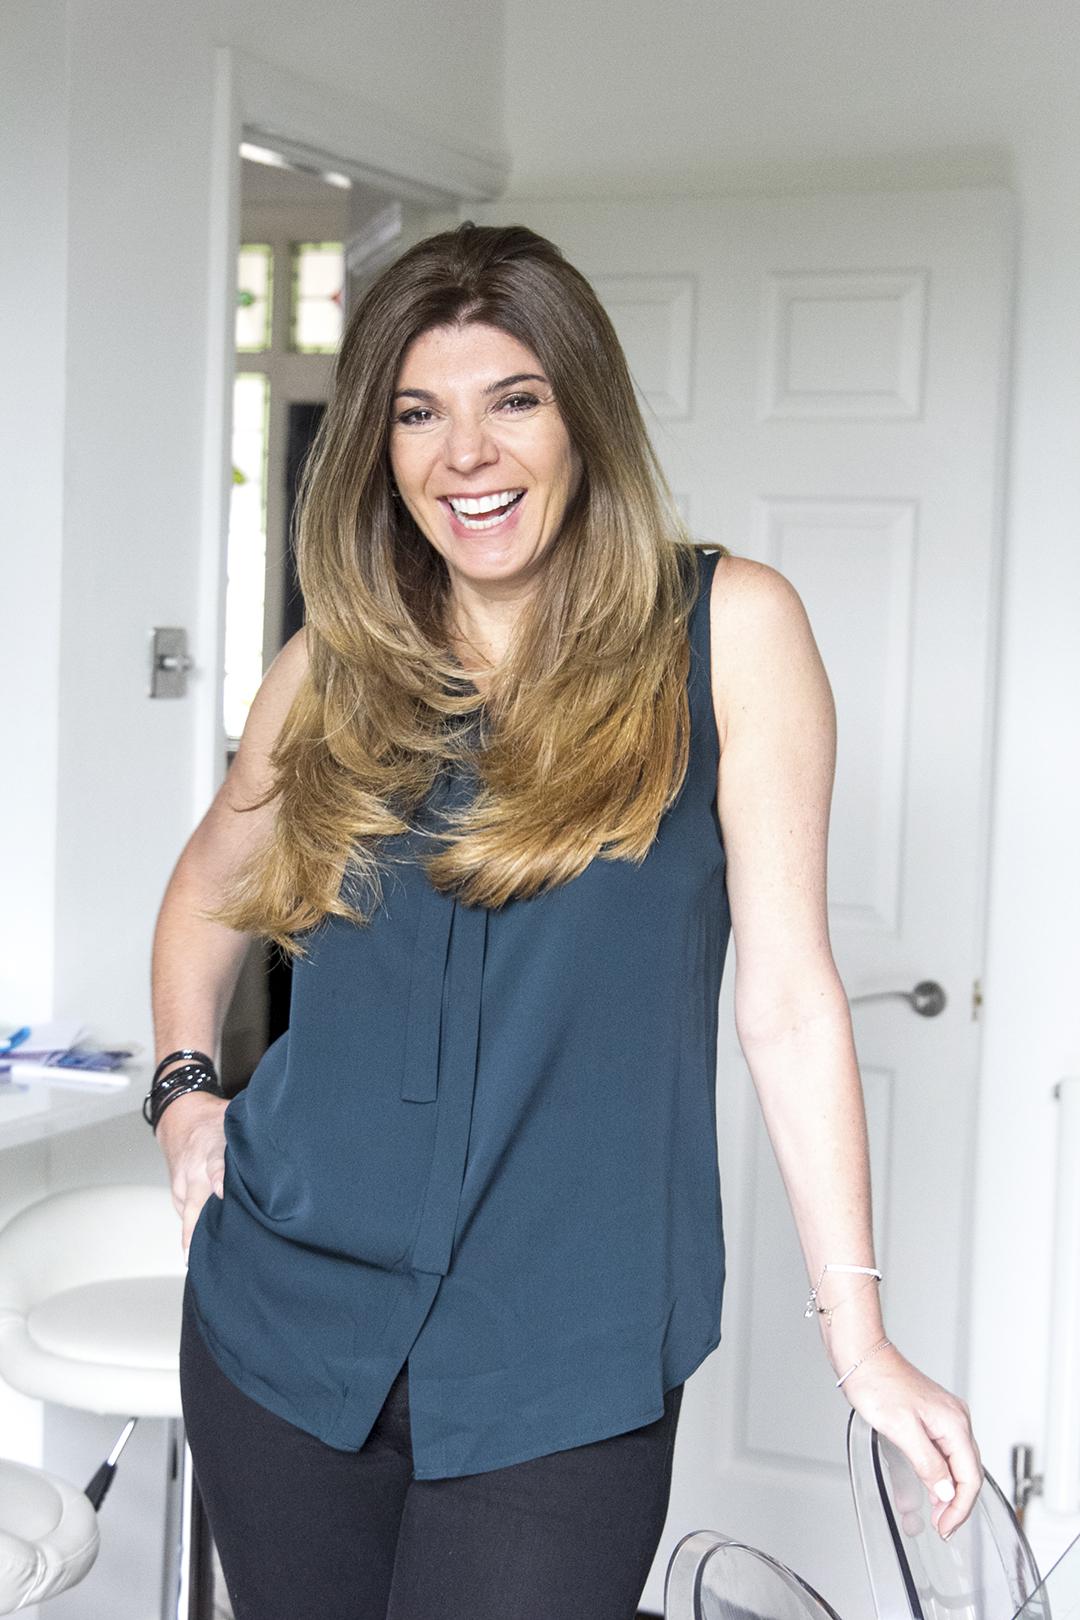 Baby2Body founder, Melinda Nicci